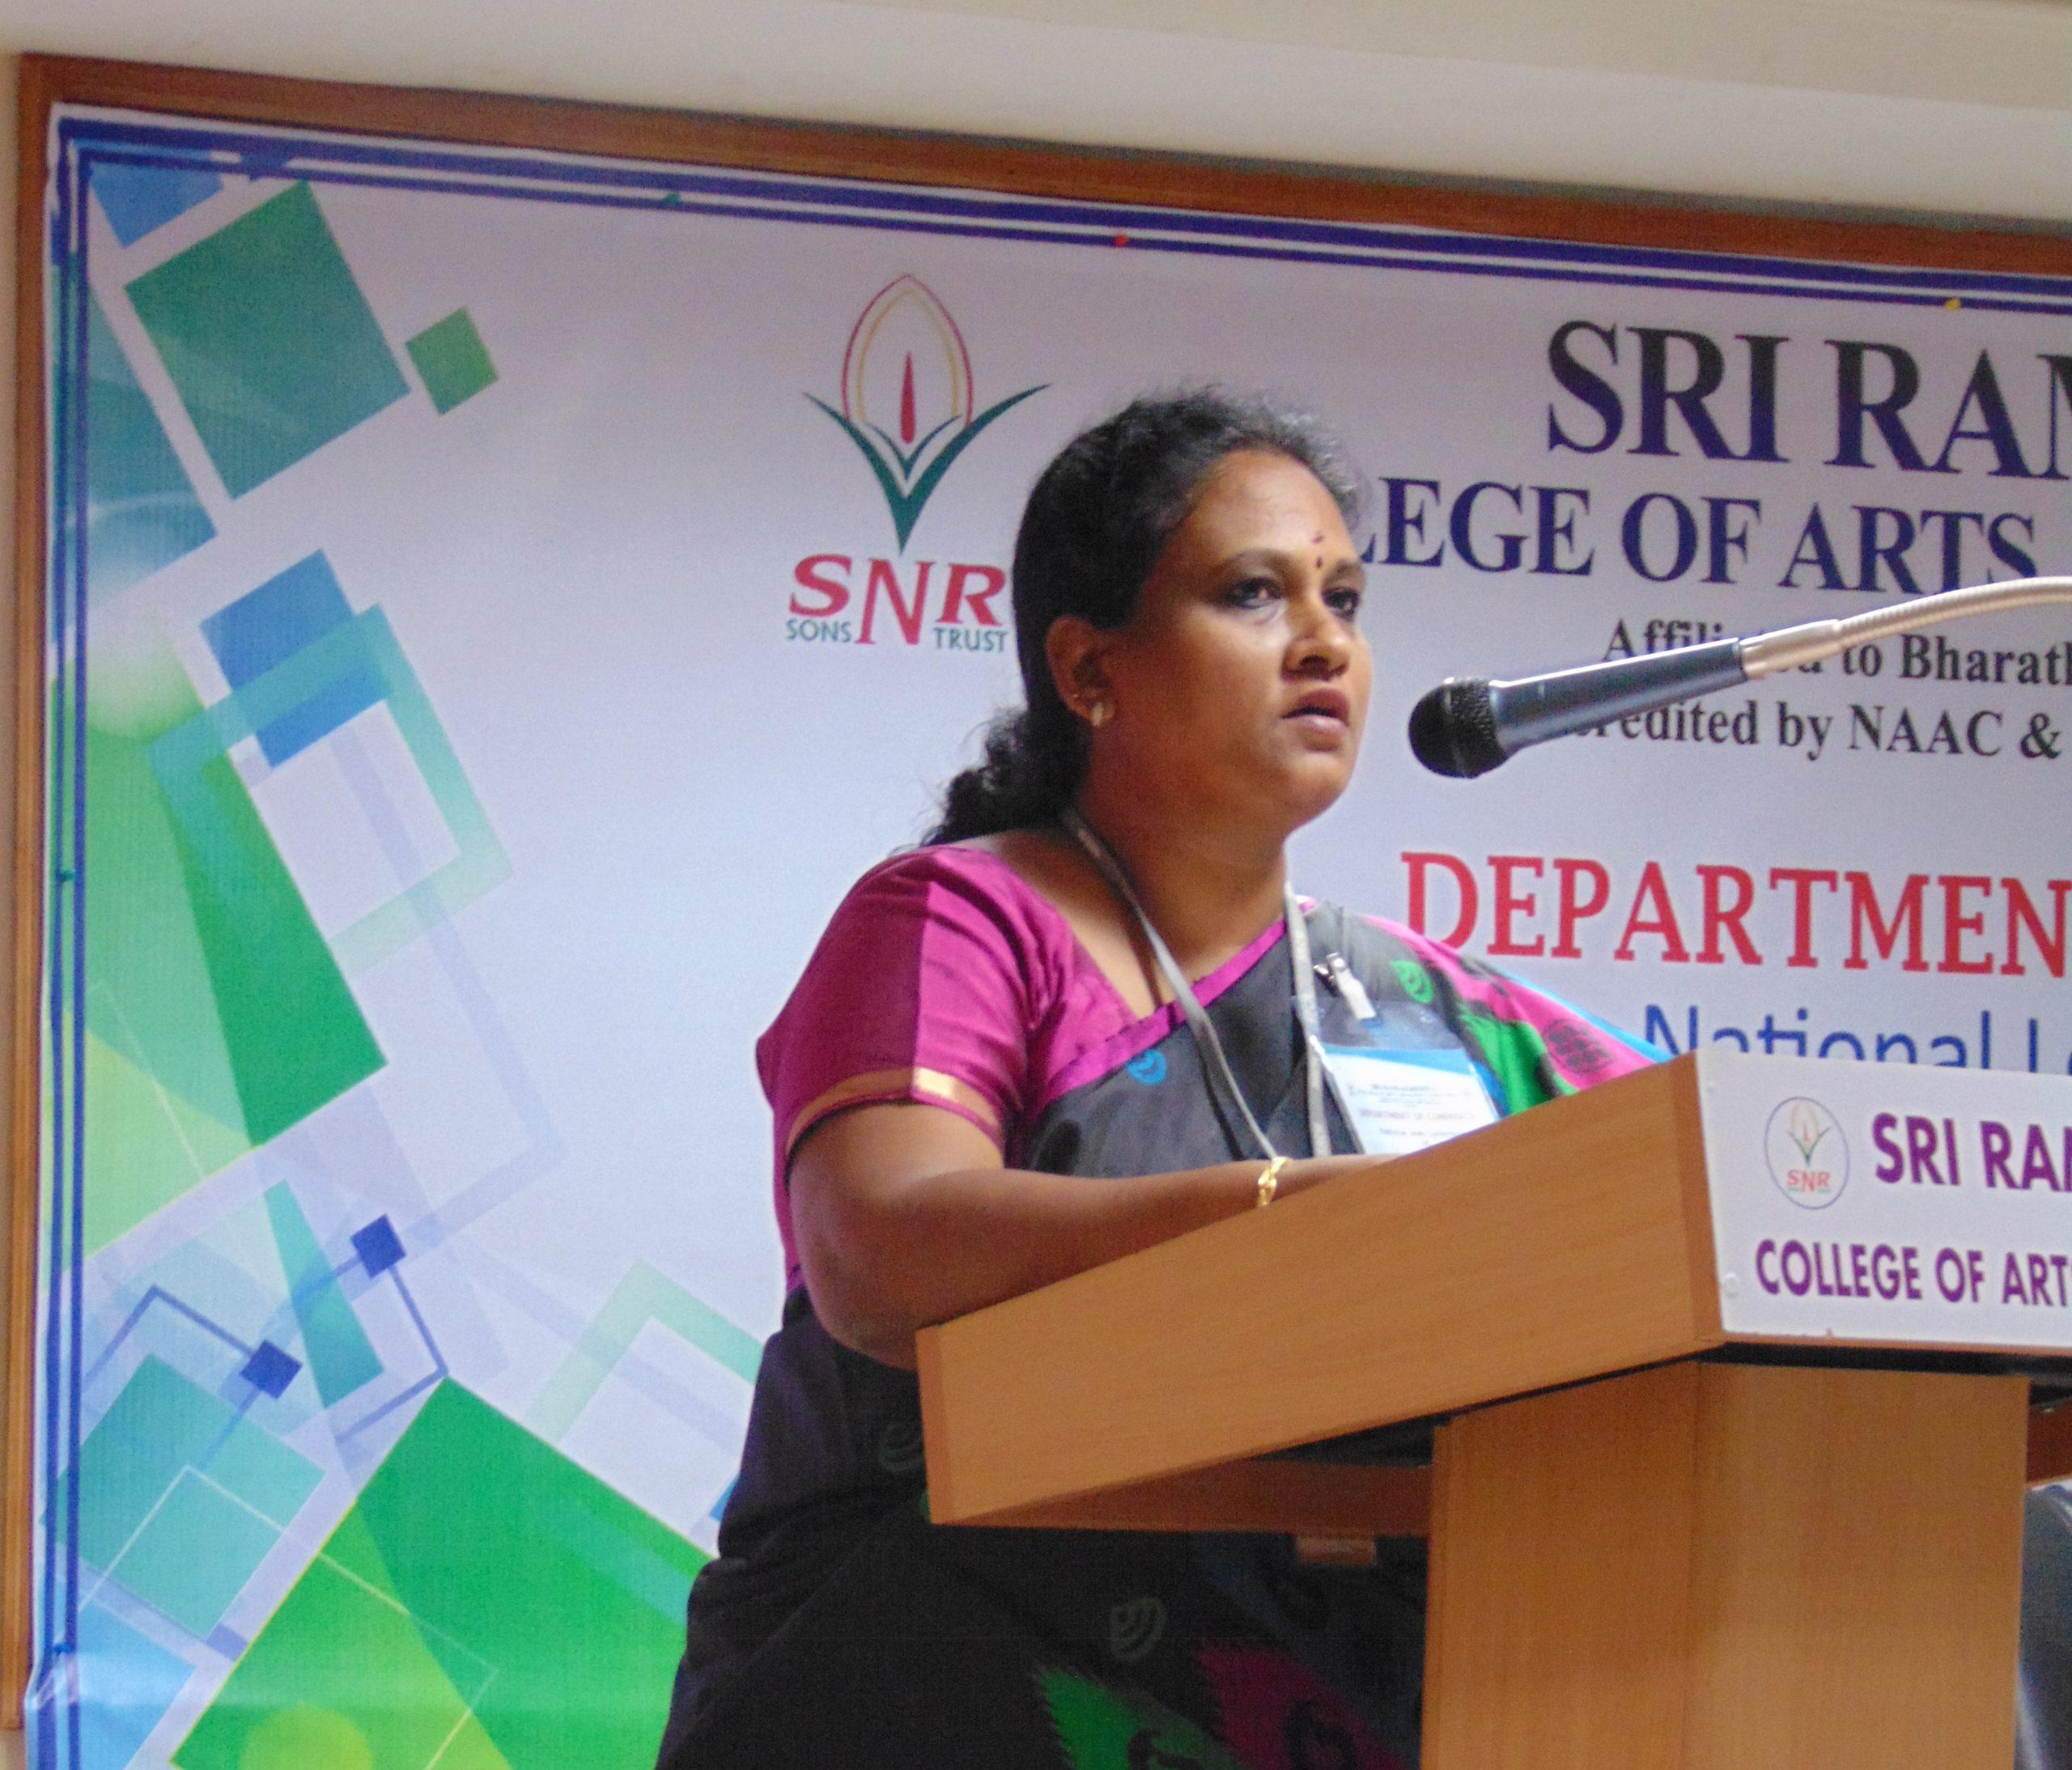 Dr. D. Padmavathi